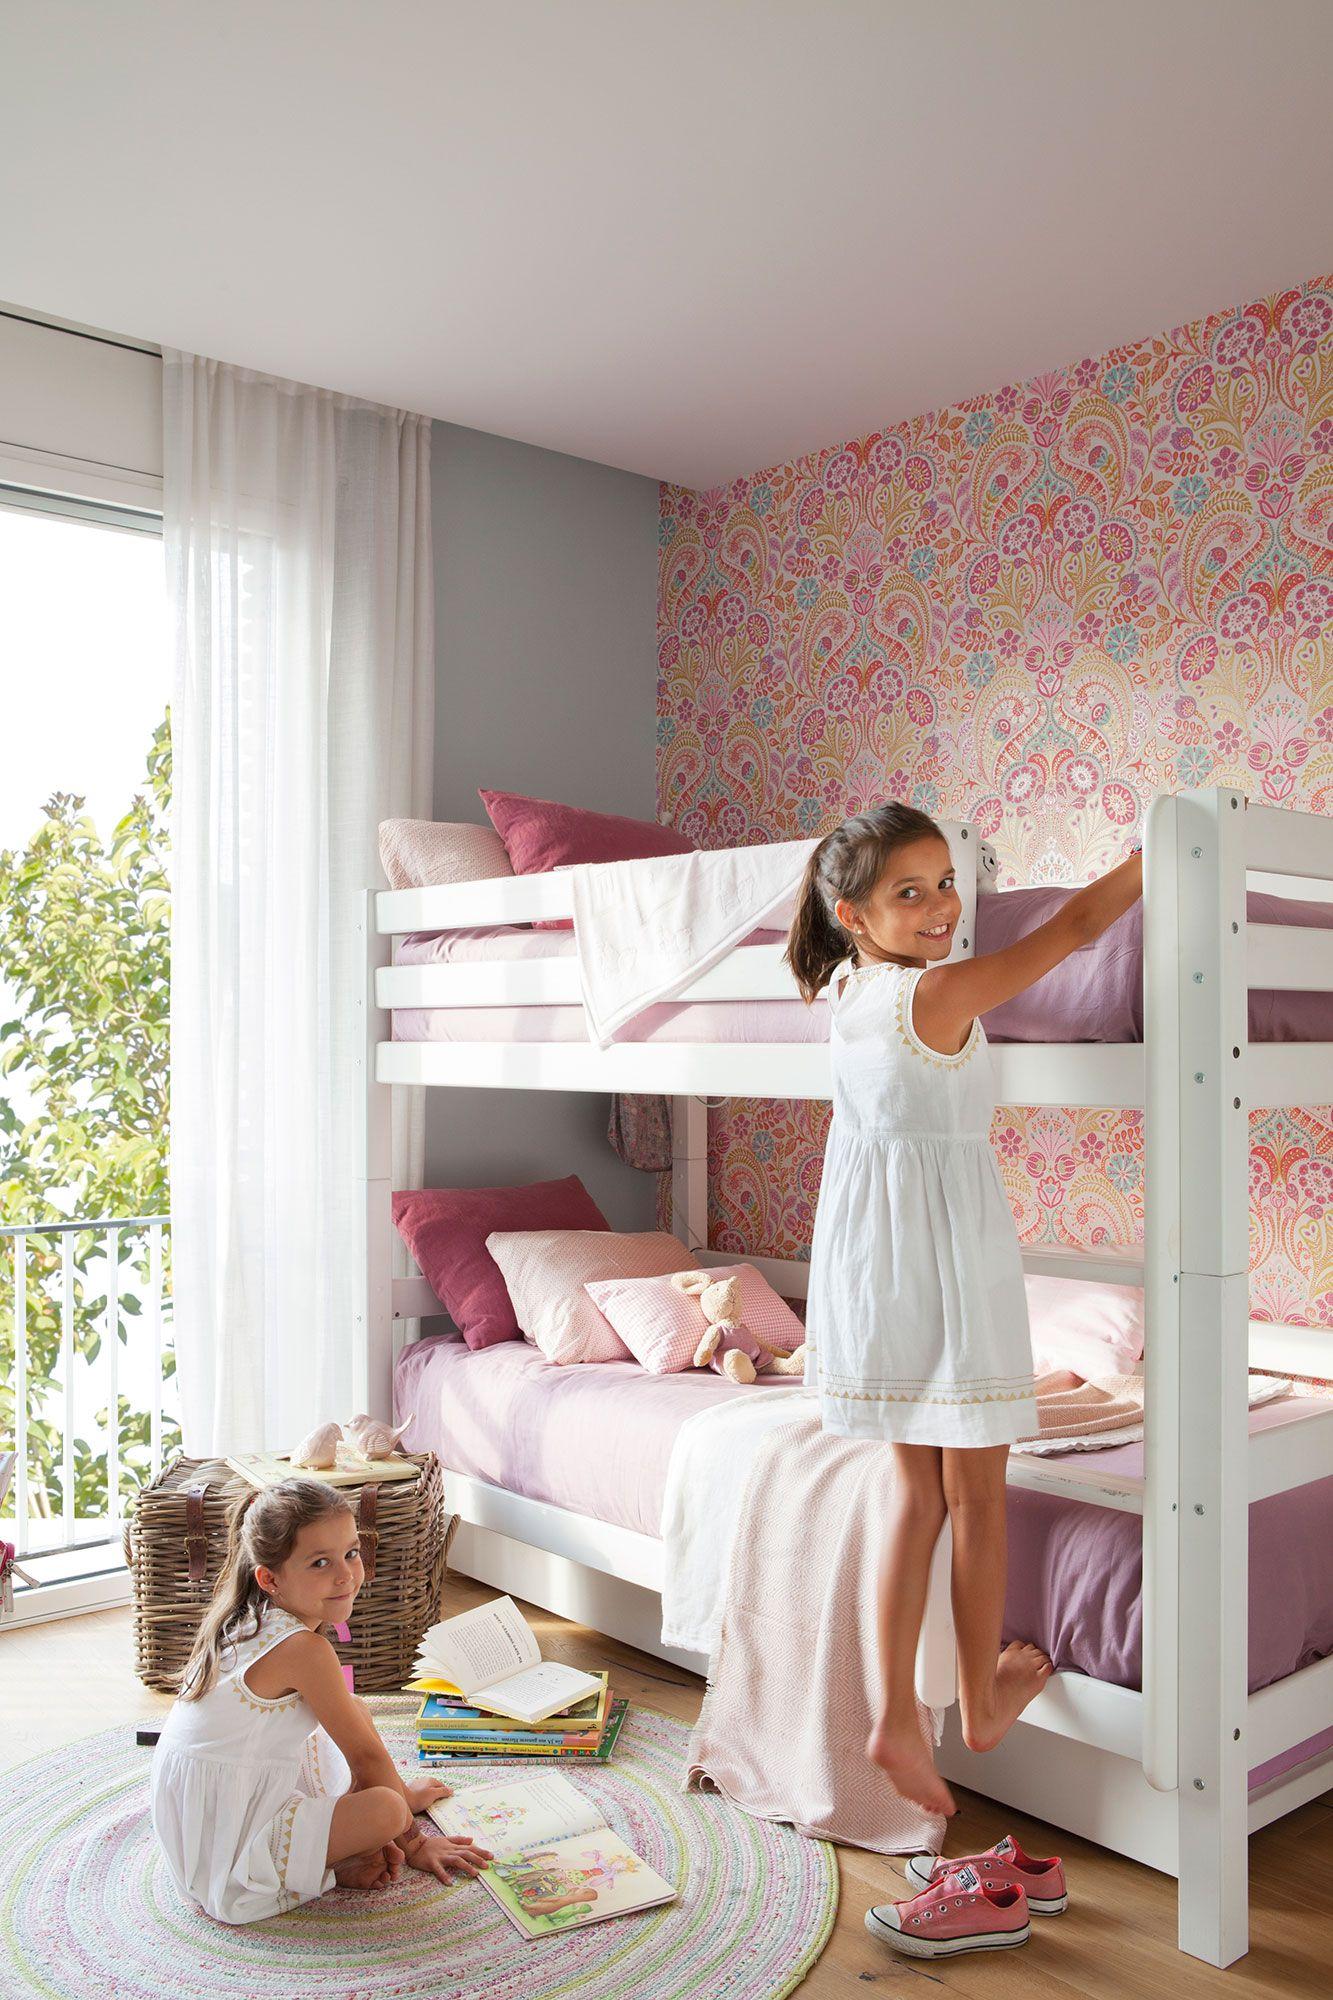 Pin de Room to grow en Interiors Kids rooms Pinterest